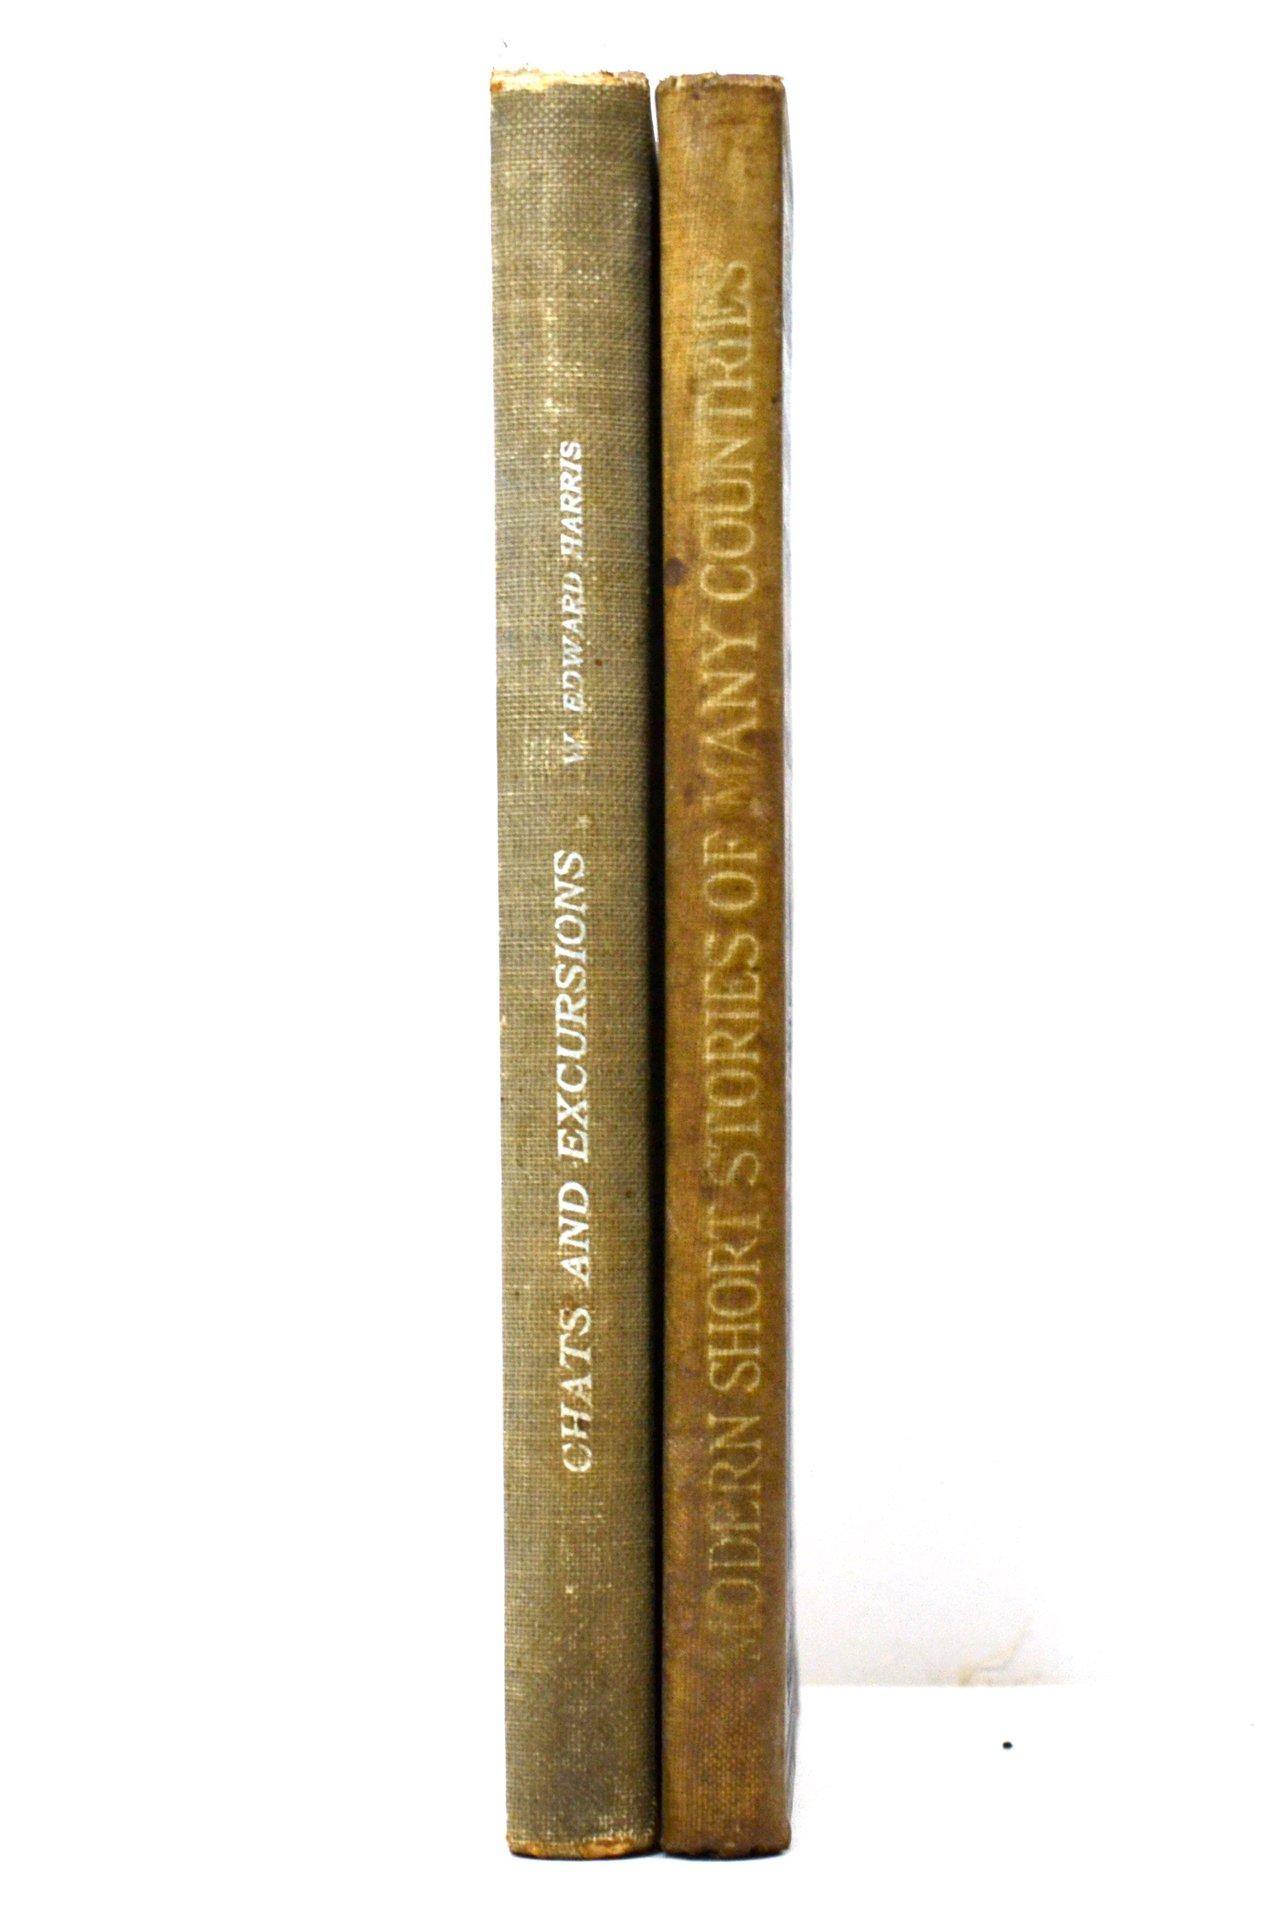 洋書 ディスプレイ用 2冊セット RZ-5721